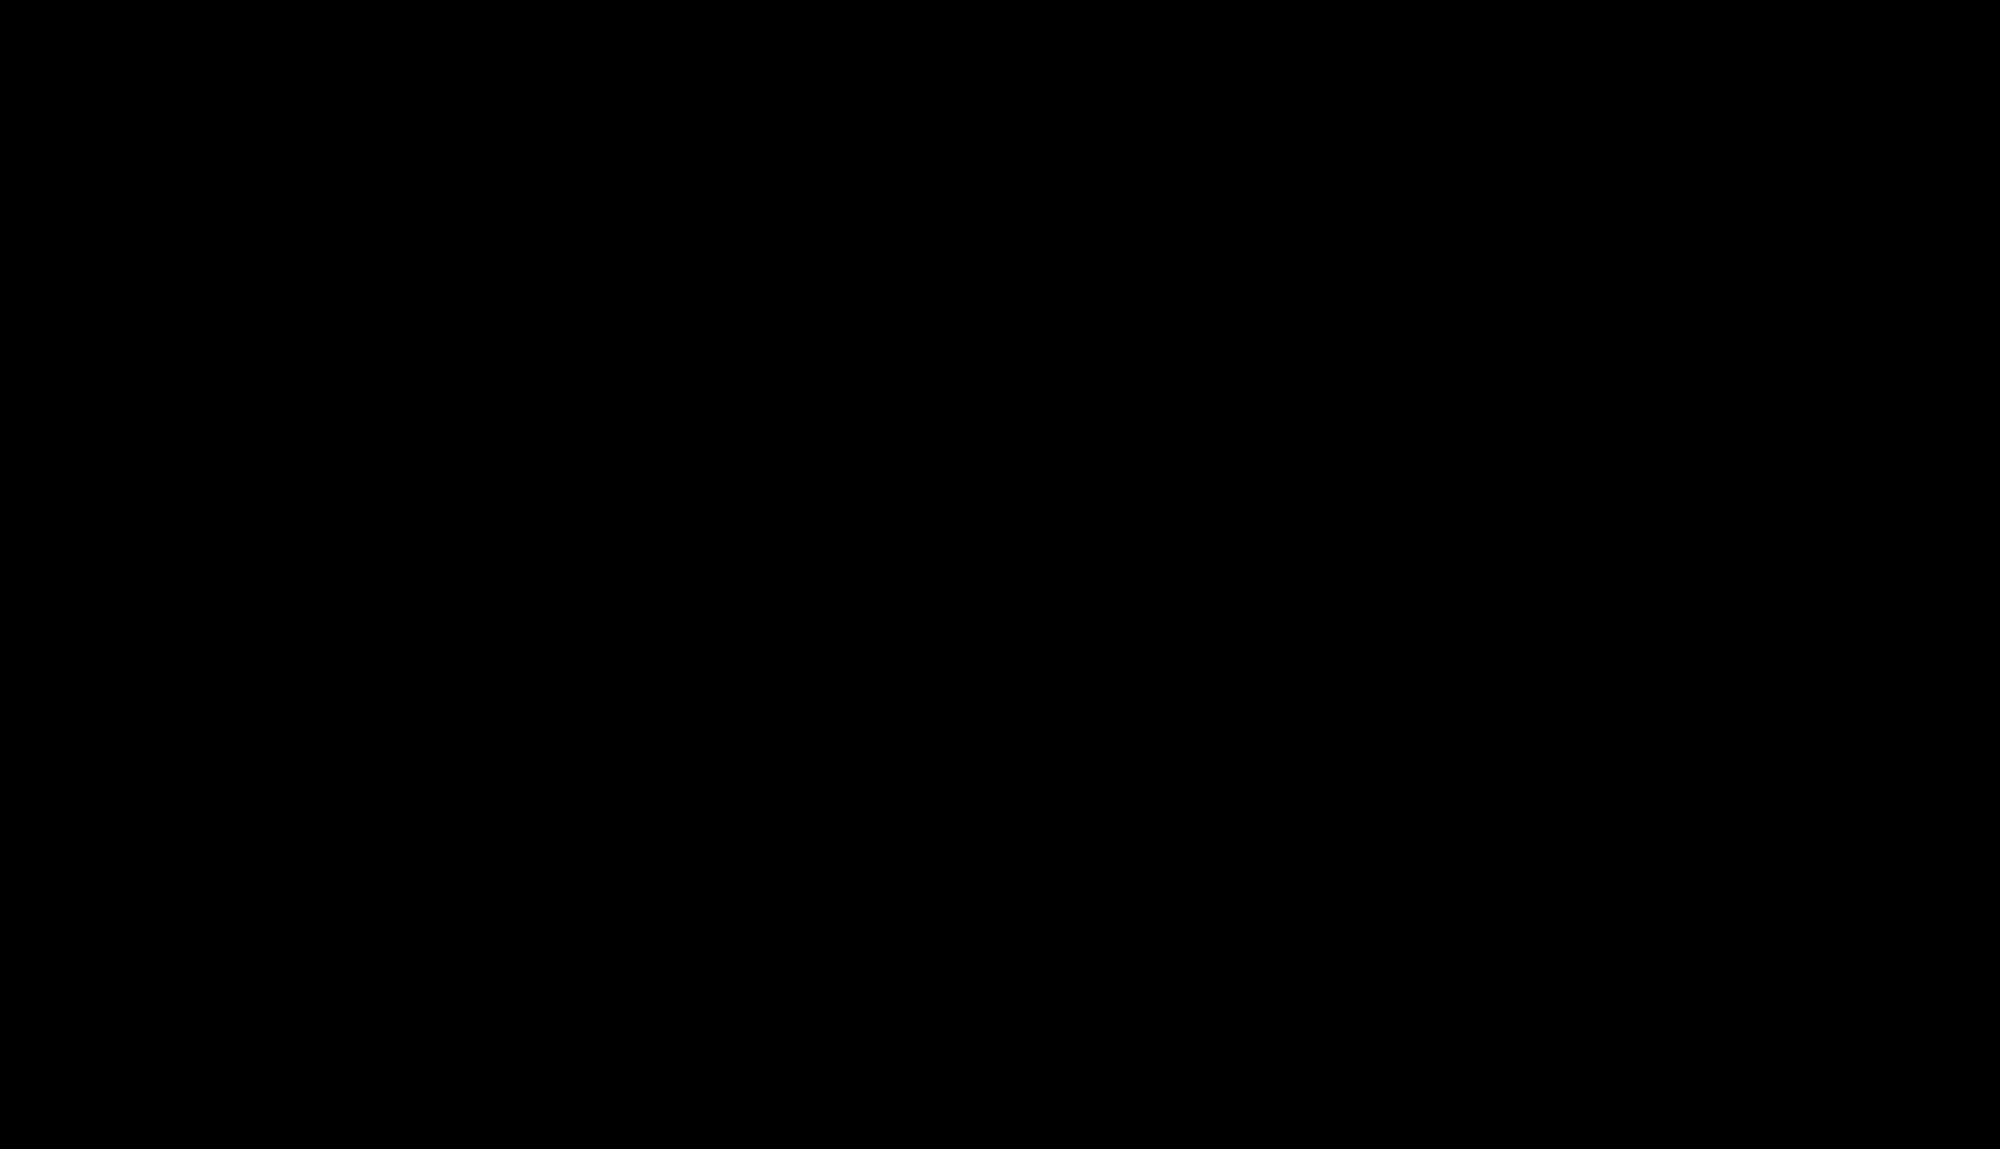 Código de Barras PNG para baixar grátis em alta resolução